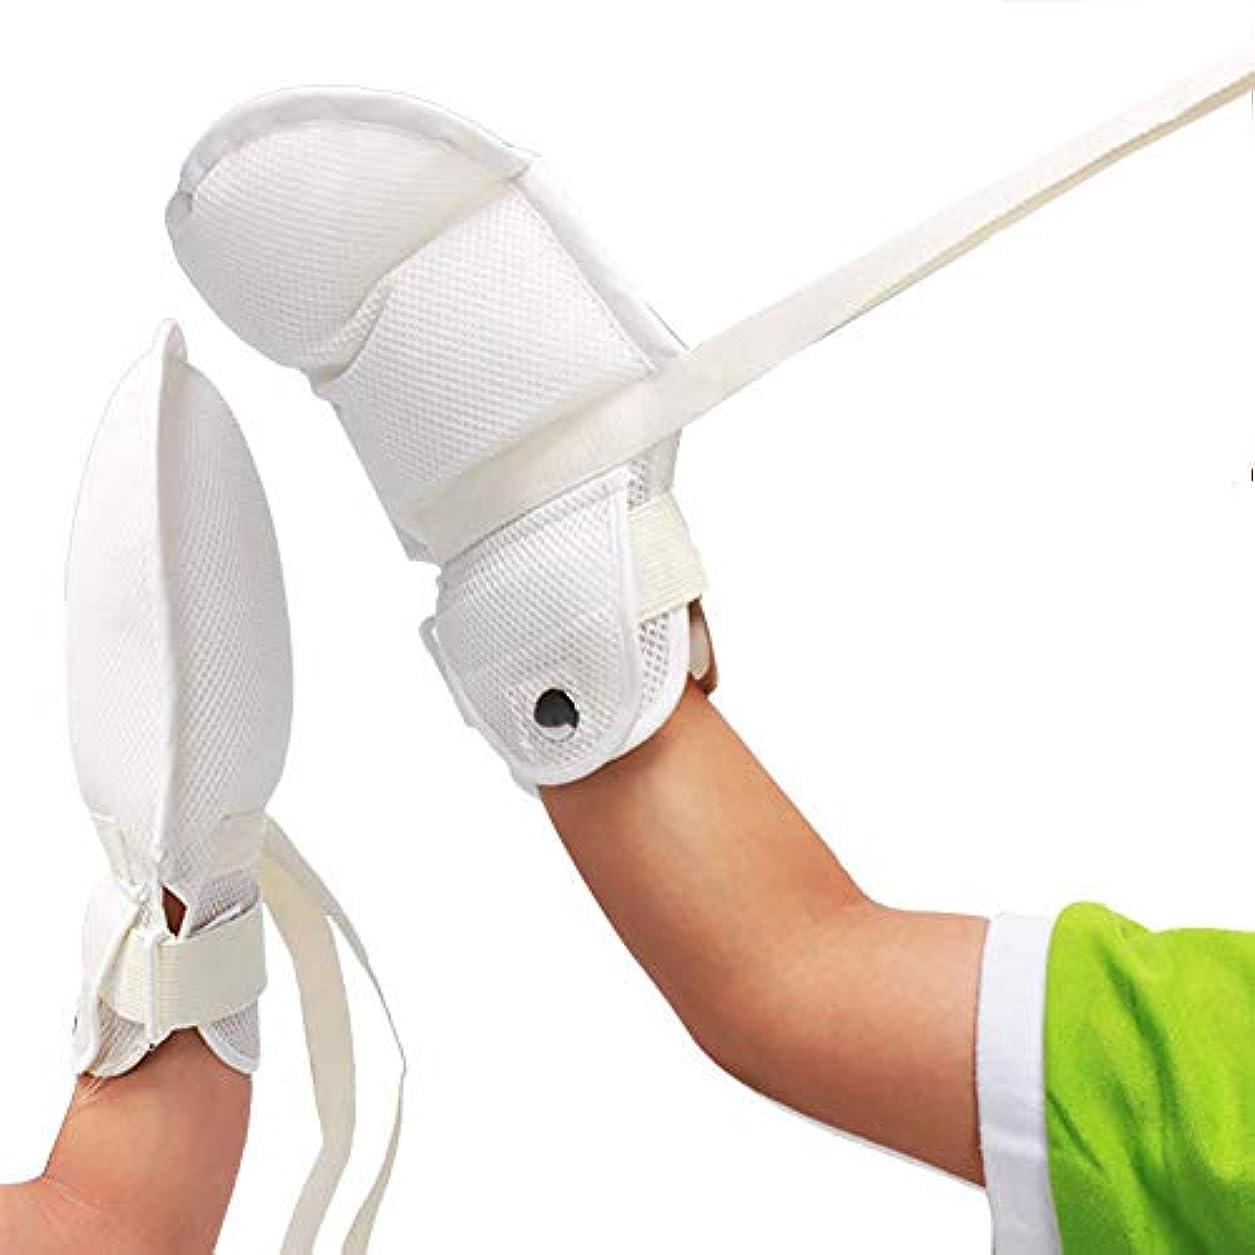 カテゴリー仲間煙厚く暖かいフィンガーコントロールミット、手に感染した保護パッドグローブ、安全制限付きグローブ、安全で普遍的な成人向けの指の負傷の固定グローブ (2PCS)